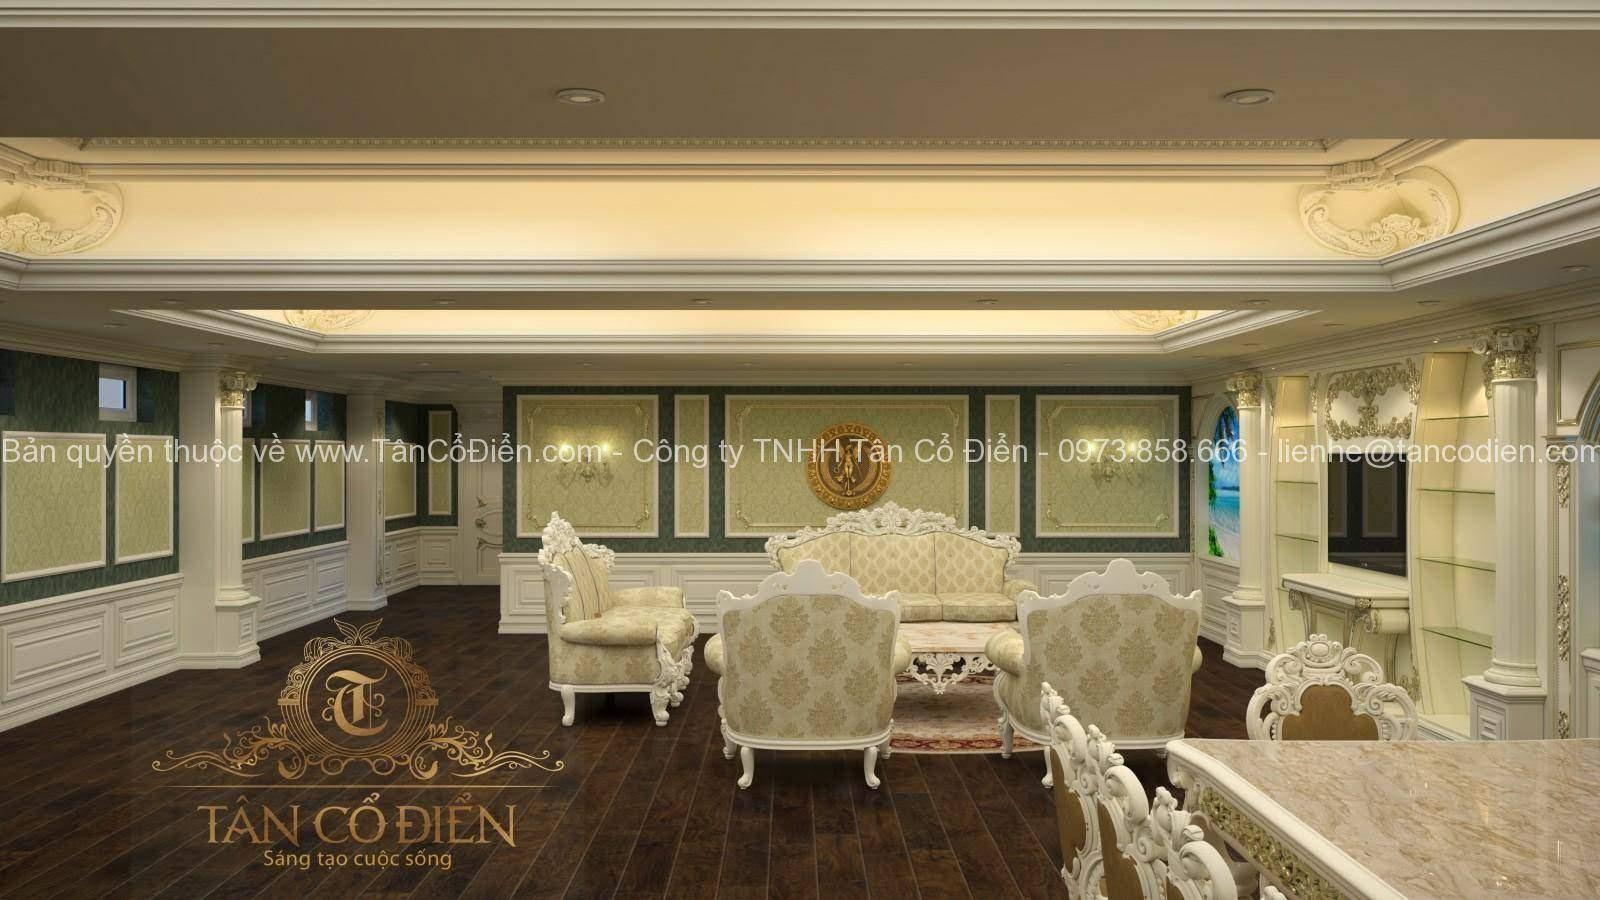 Thiết kế biệt thự phòng khách mang phong cách cổ điển